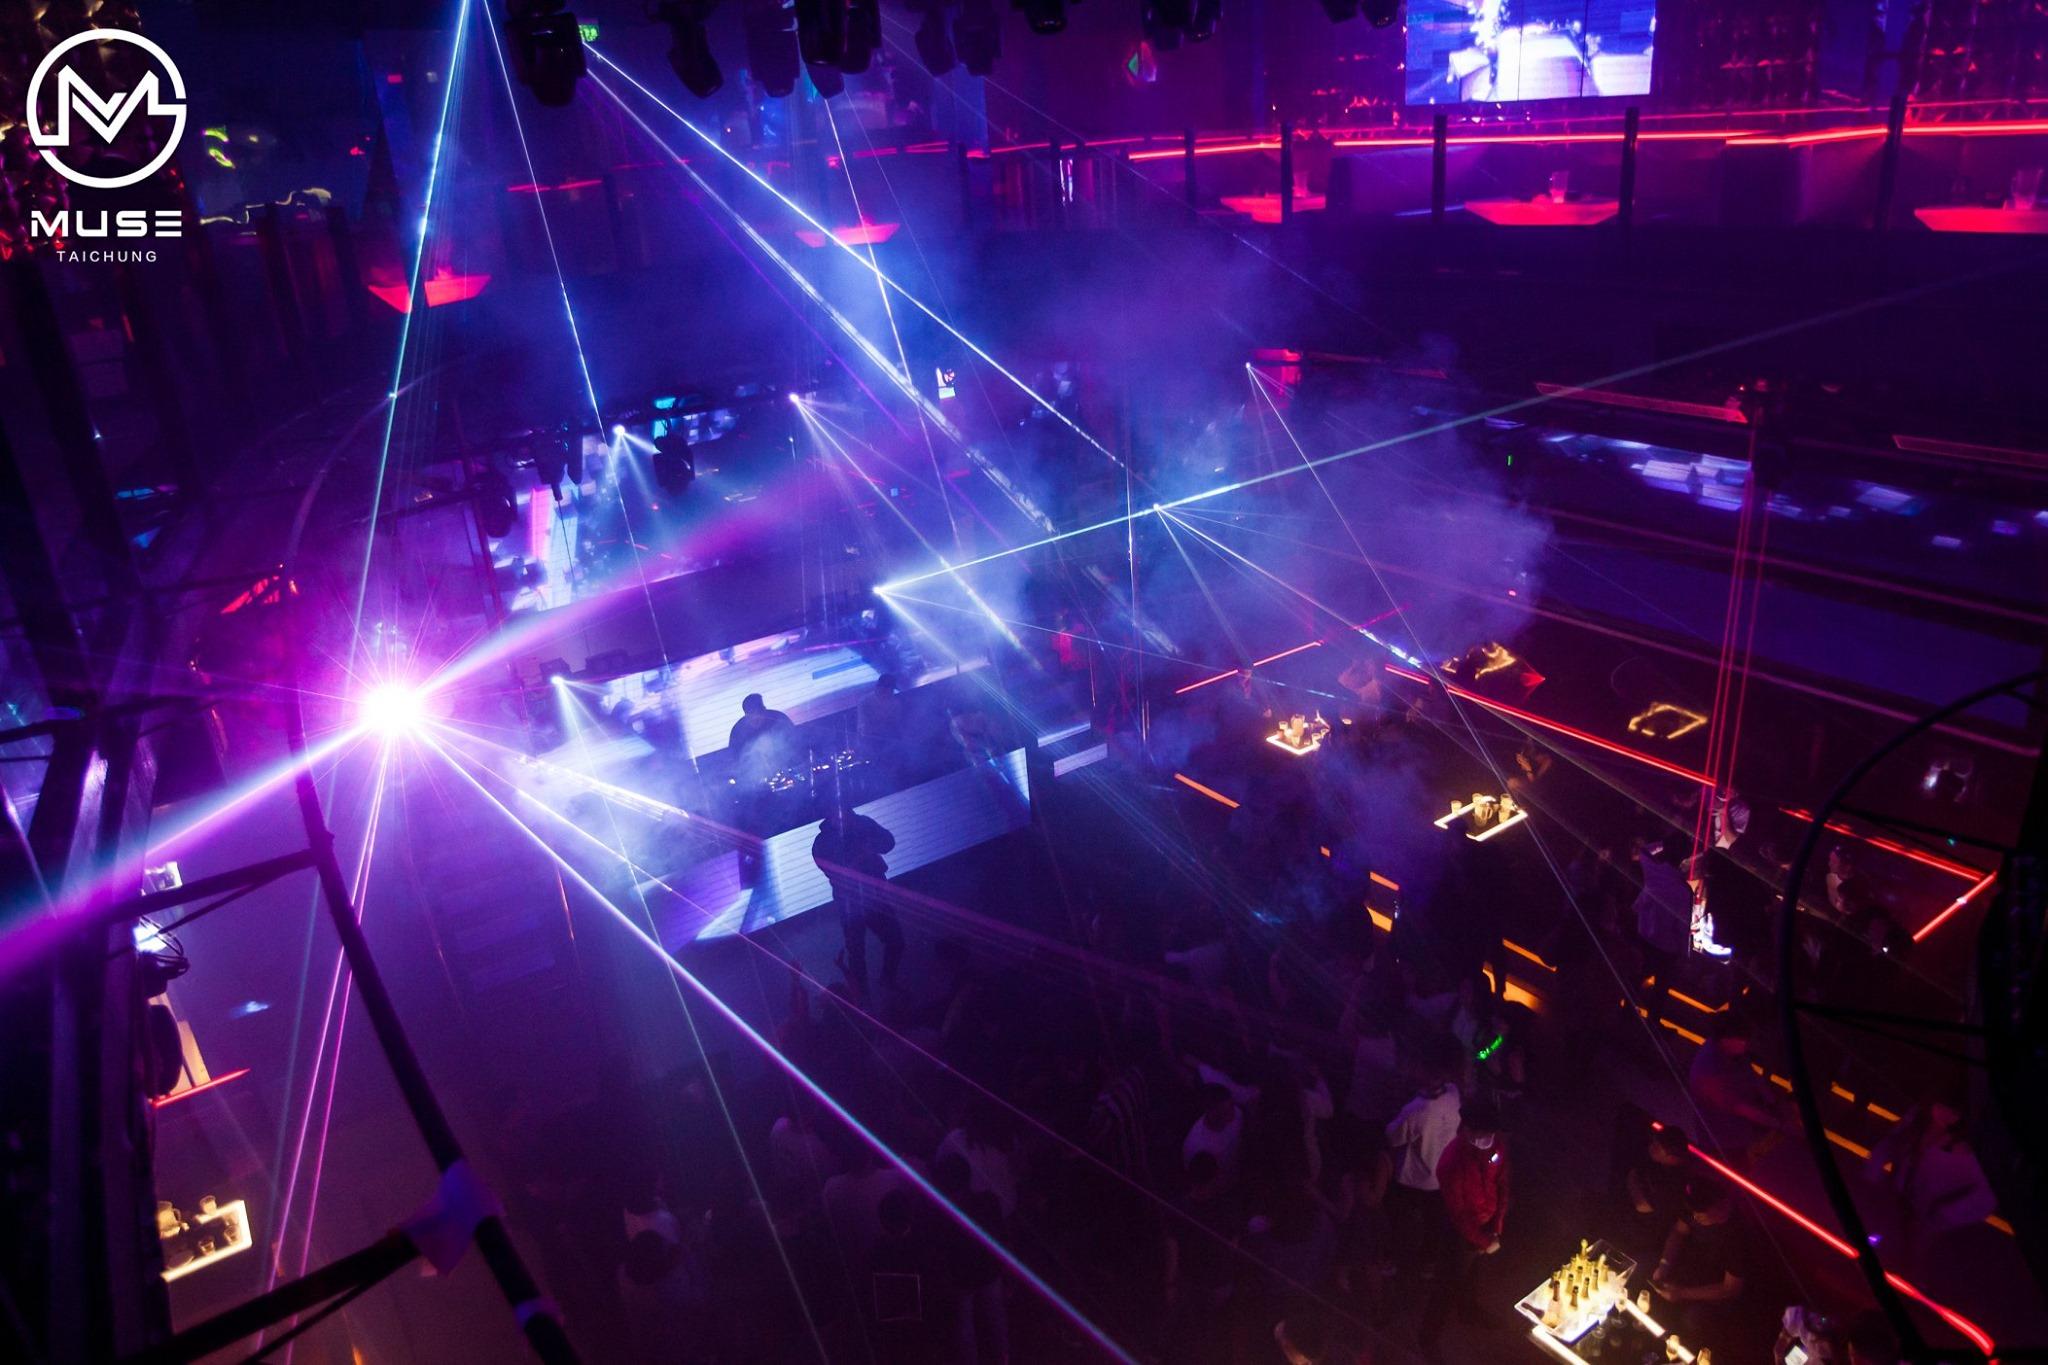 台湾のおすすめナイトクラブTOP10!台湾の夜の街に繰り出そう